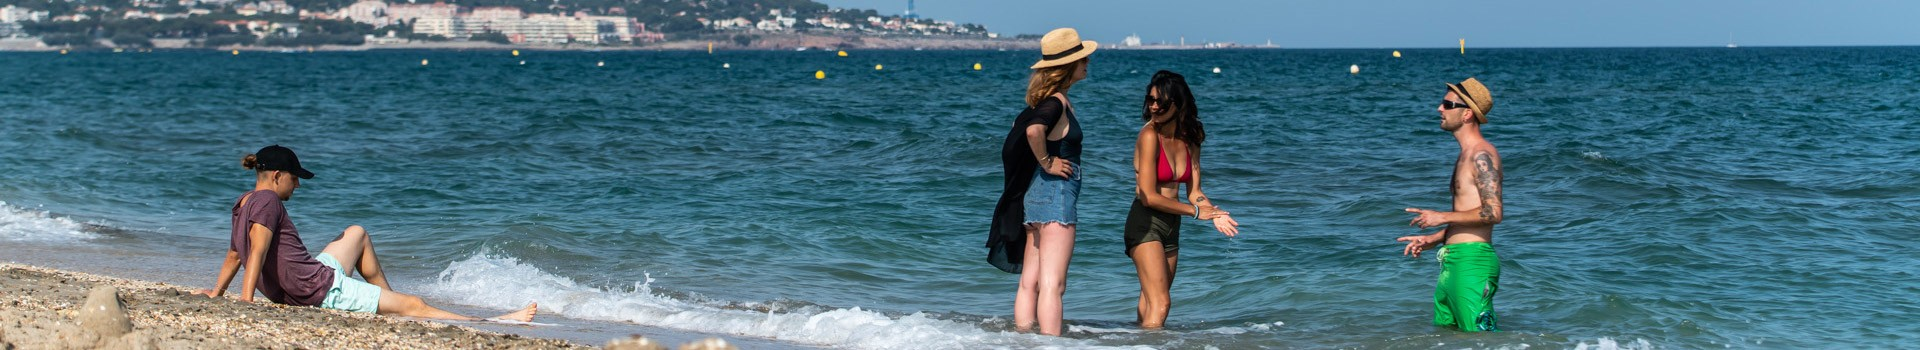 Les plages du Lido